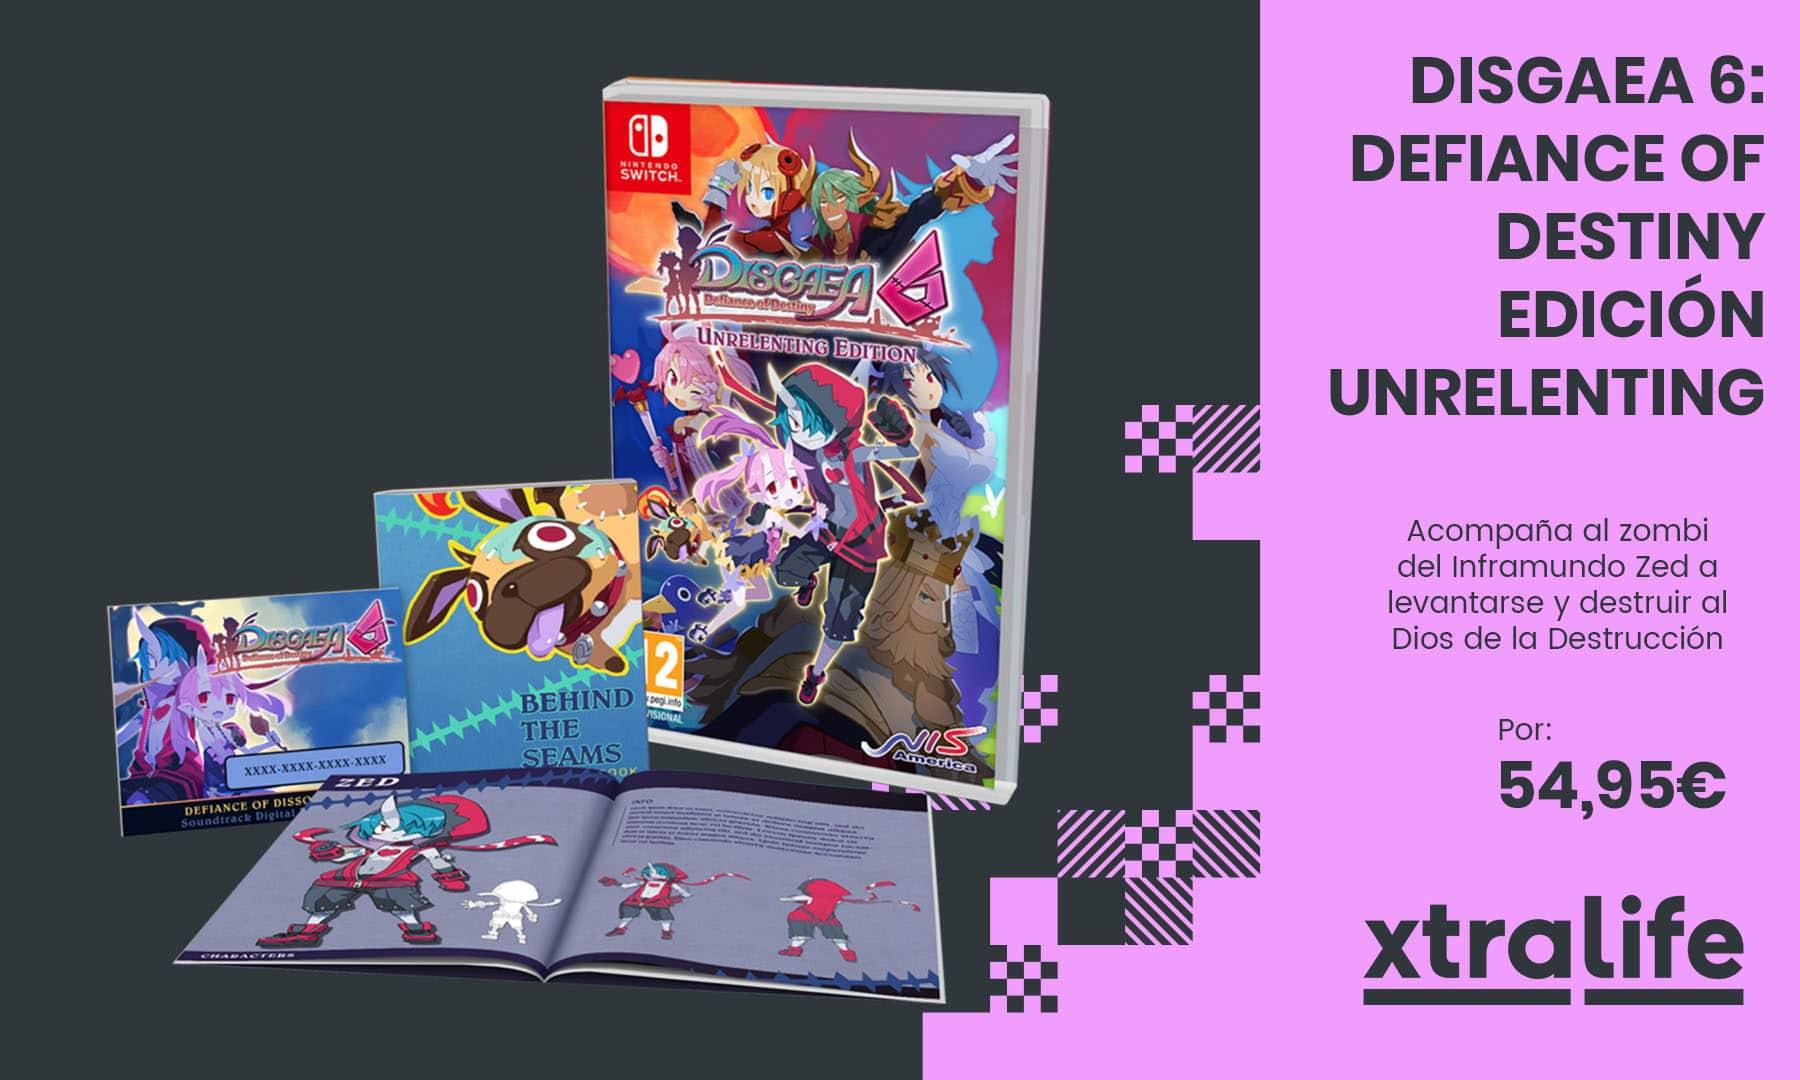 Acompaña a Zed en Disgaea 6: Defiance of Destiny Edición Unrelenting